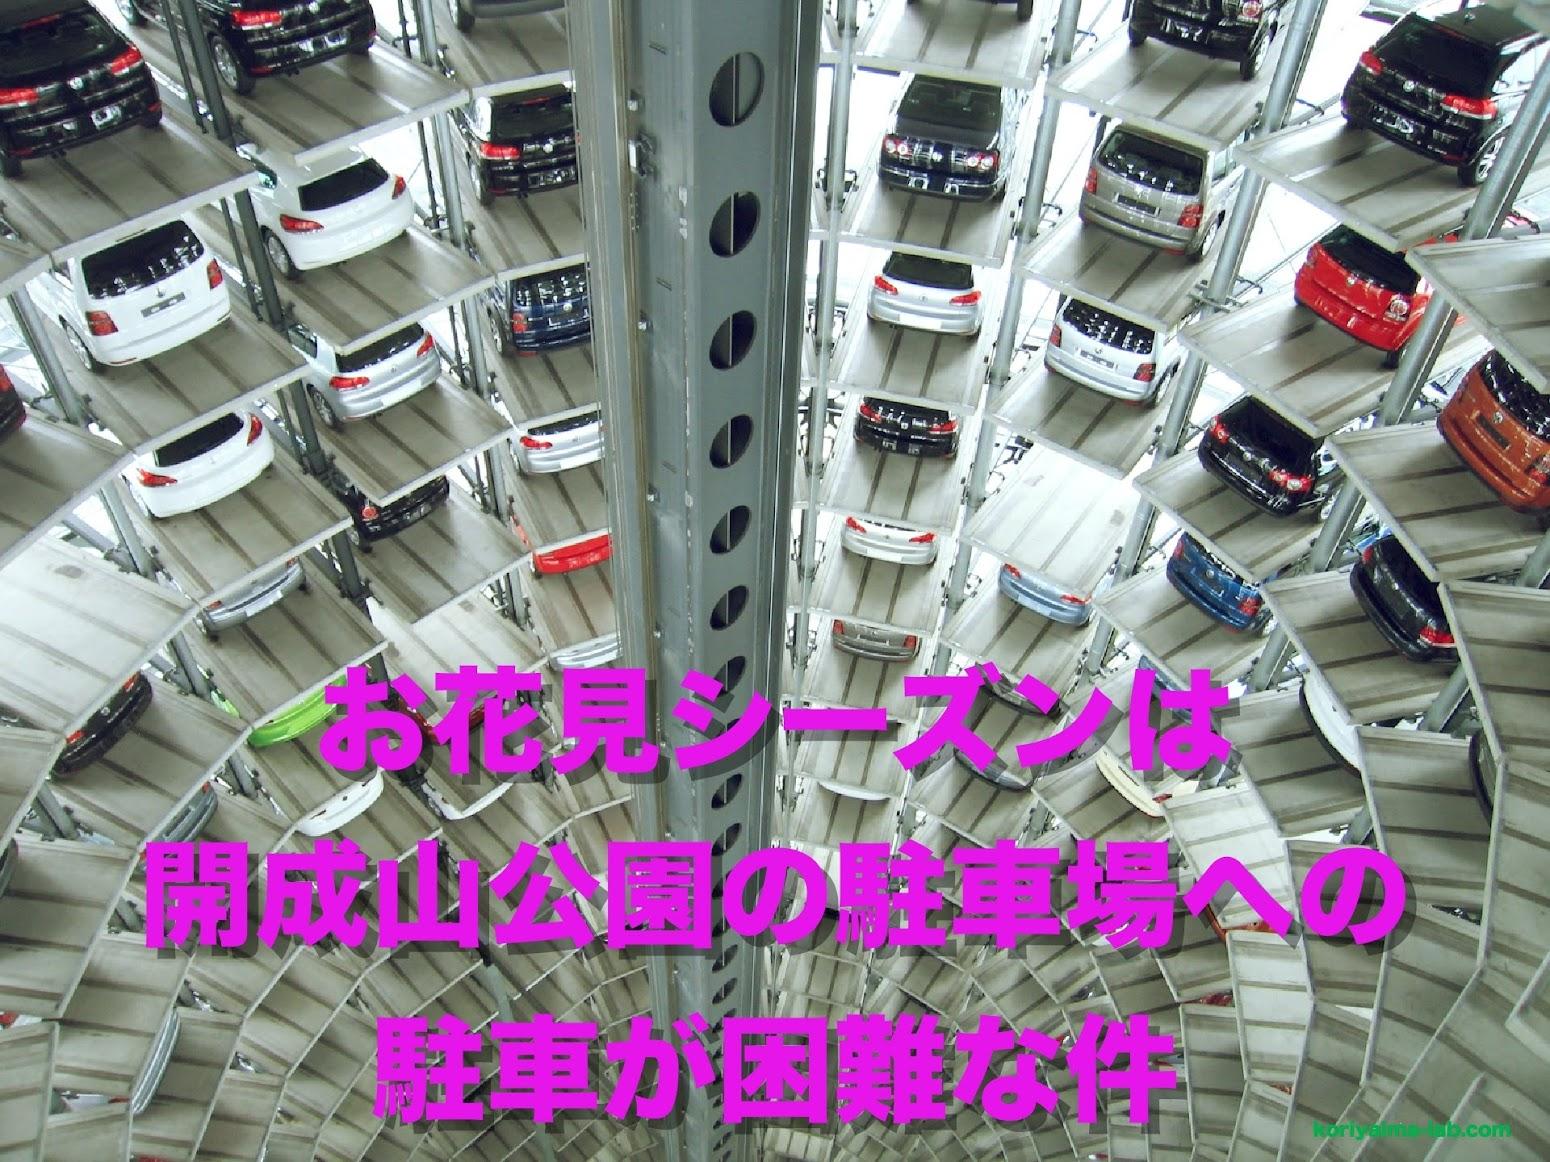 開成山公園の駐車場 への 駐車 が 困難 な件